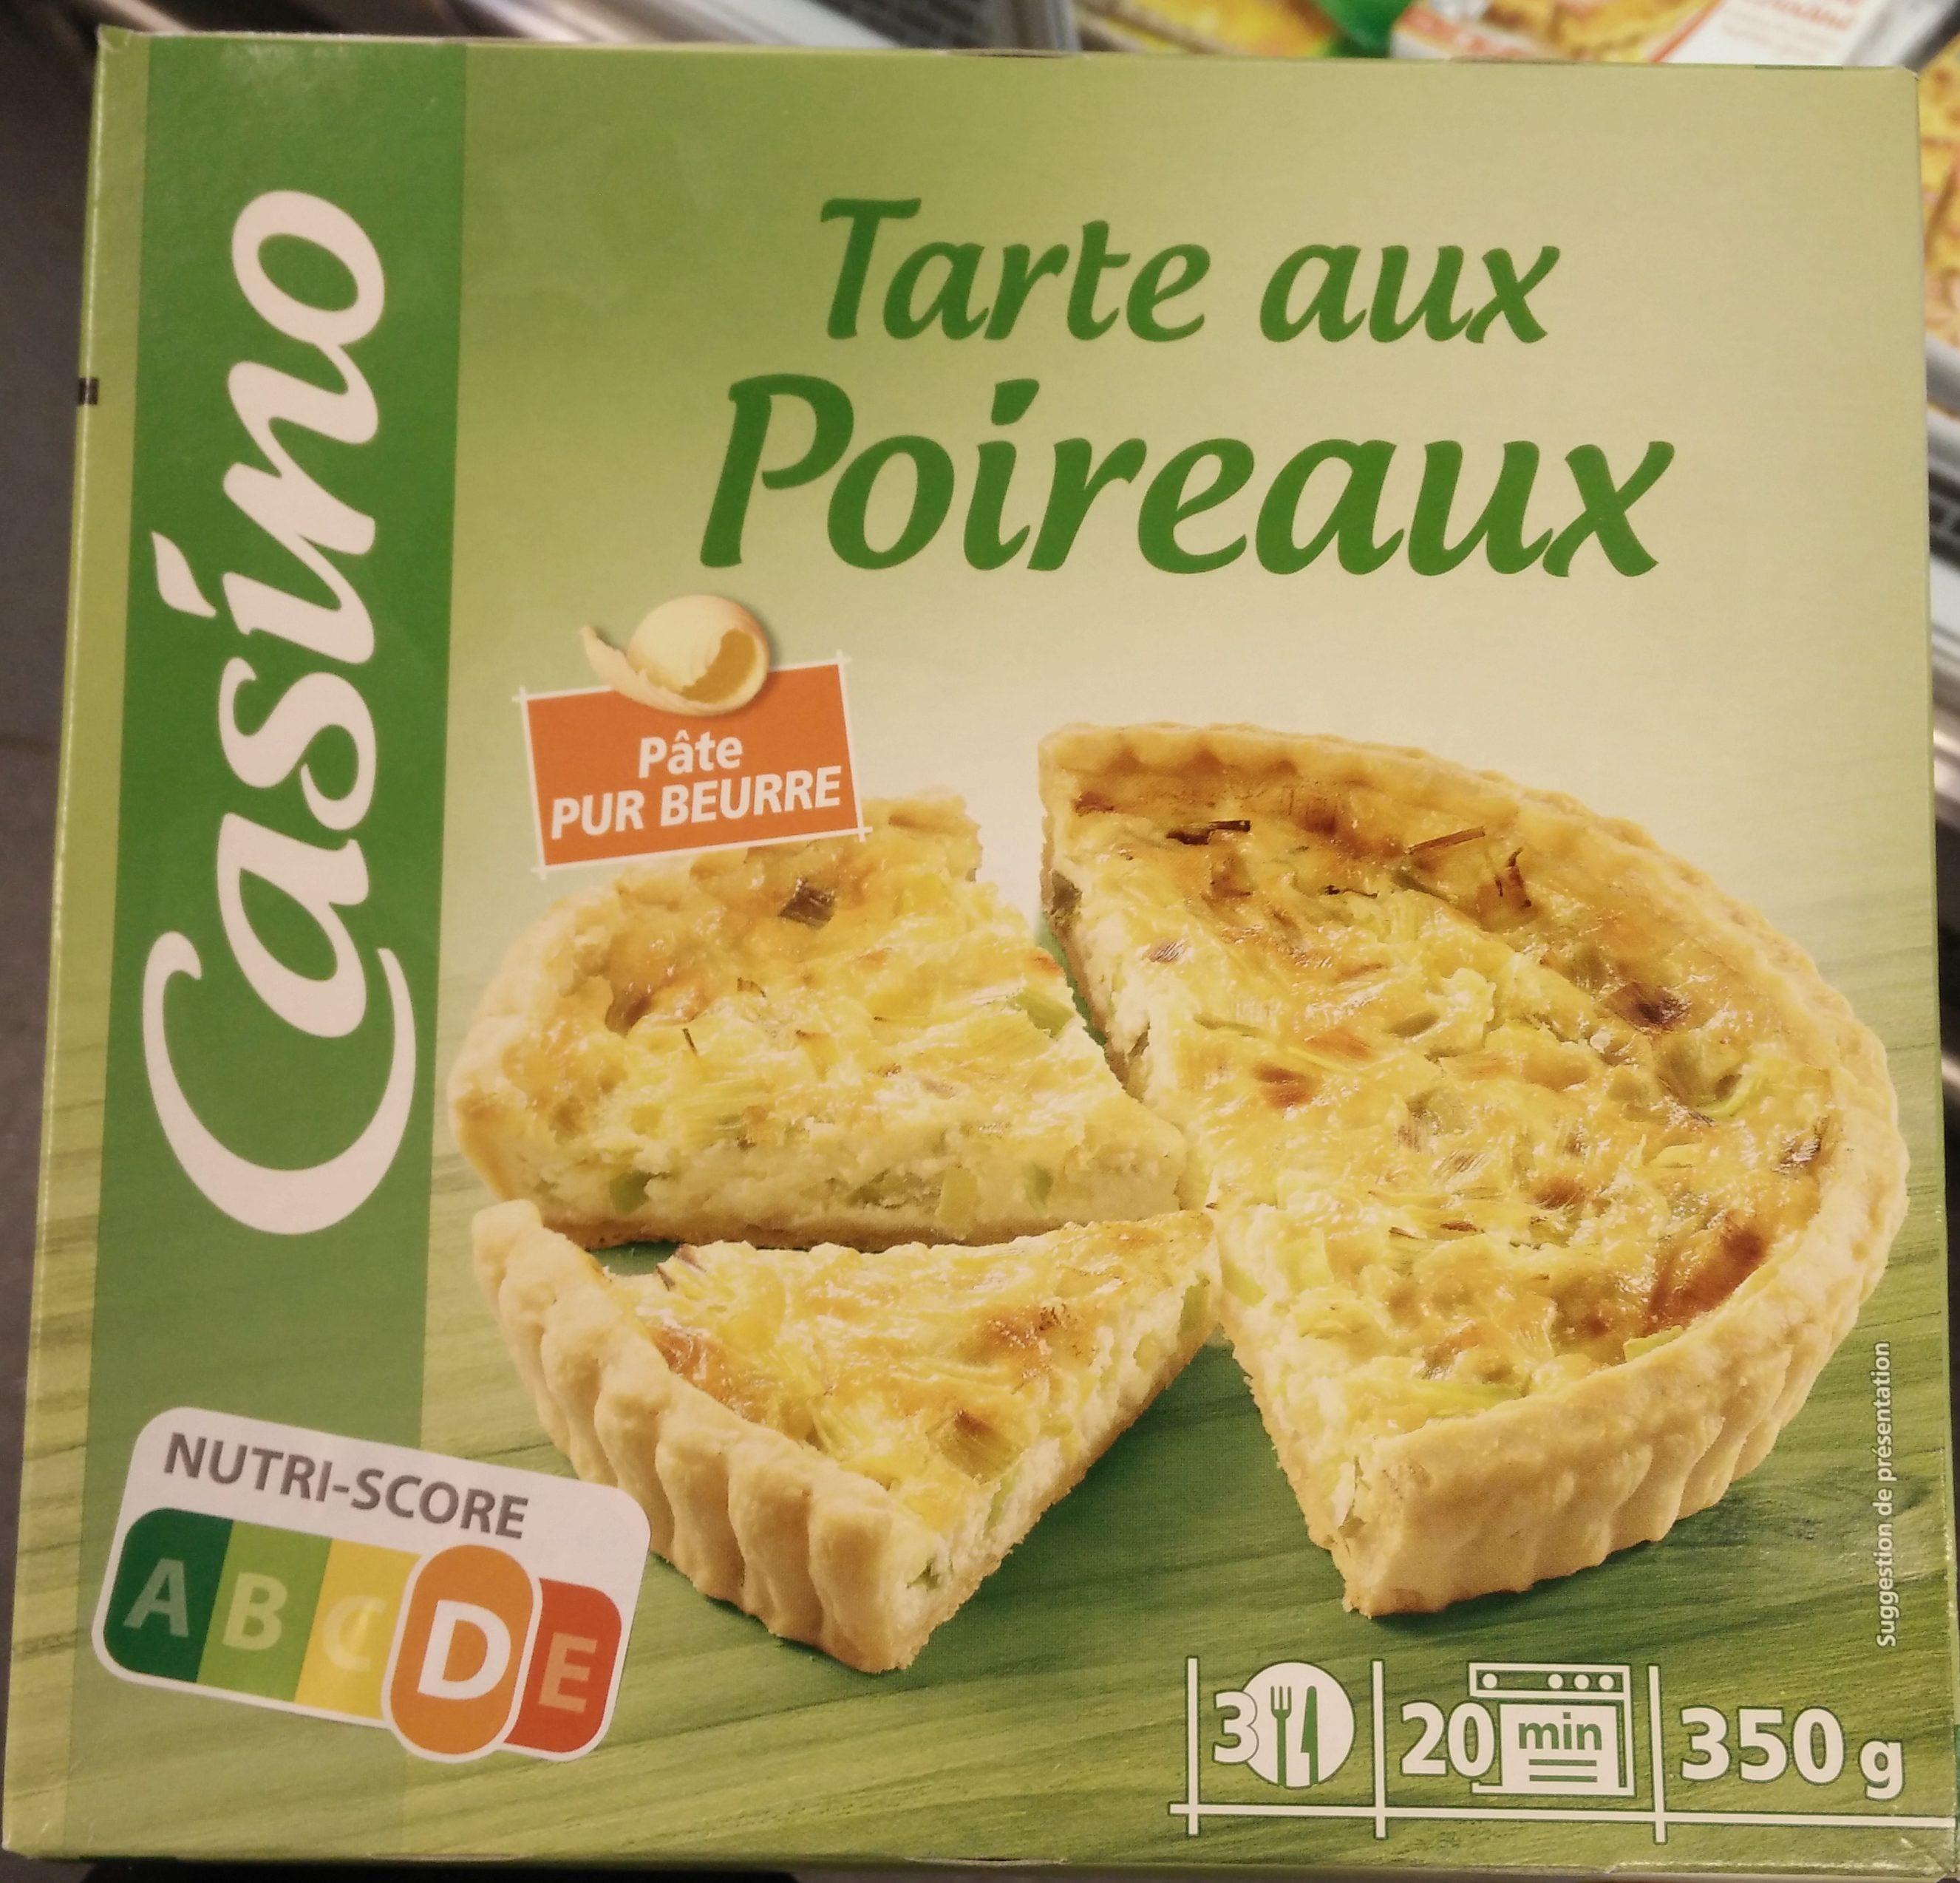 Tarte aux poireaux pâte pur beurre - Produit